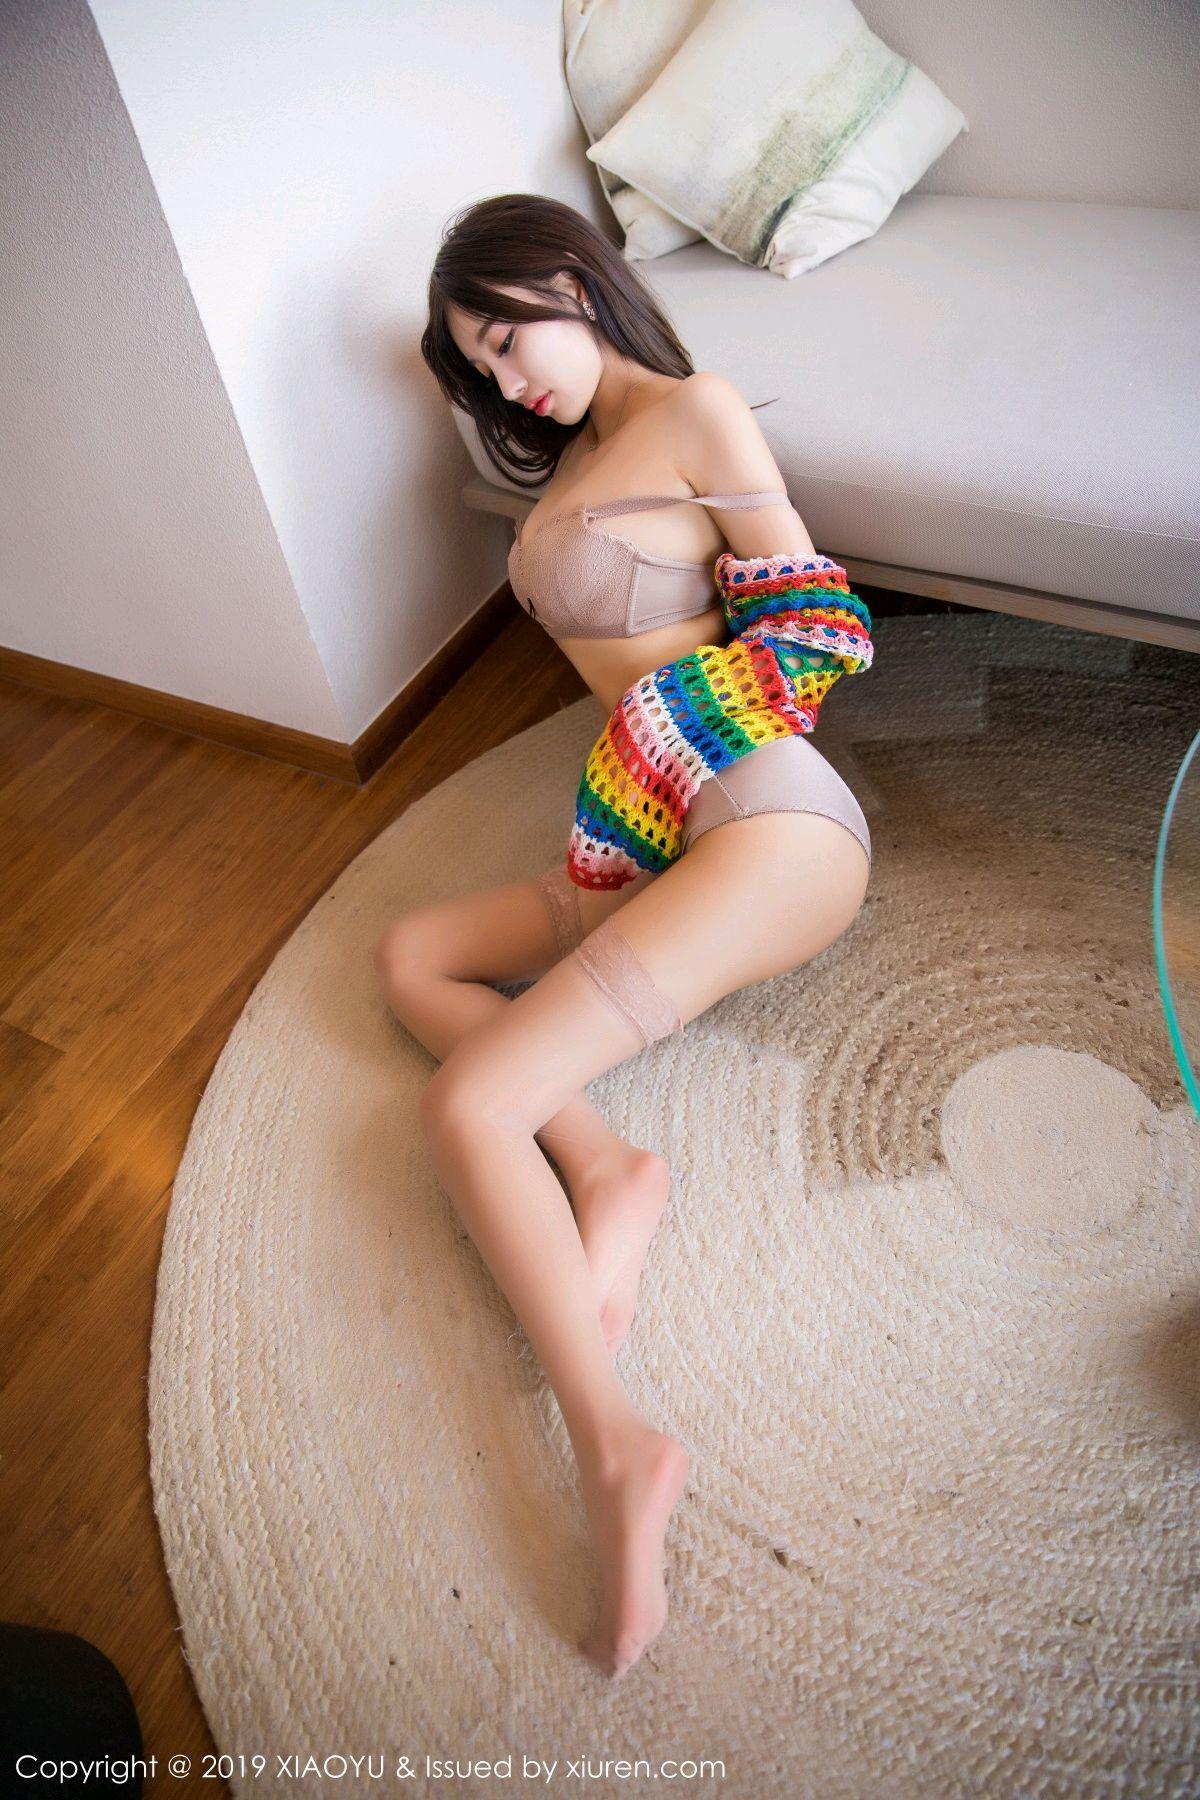 [XiaoYu] Vol.067 Yang Chen Chen 17P, Beach, Underwear, XiaoYu, Yang Chen Chen